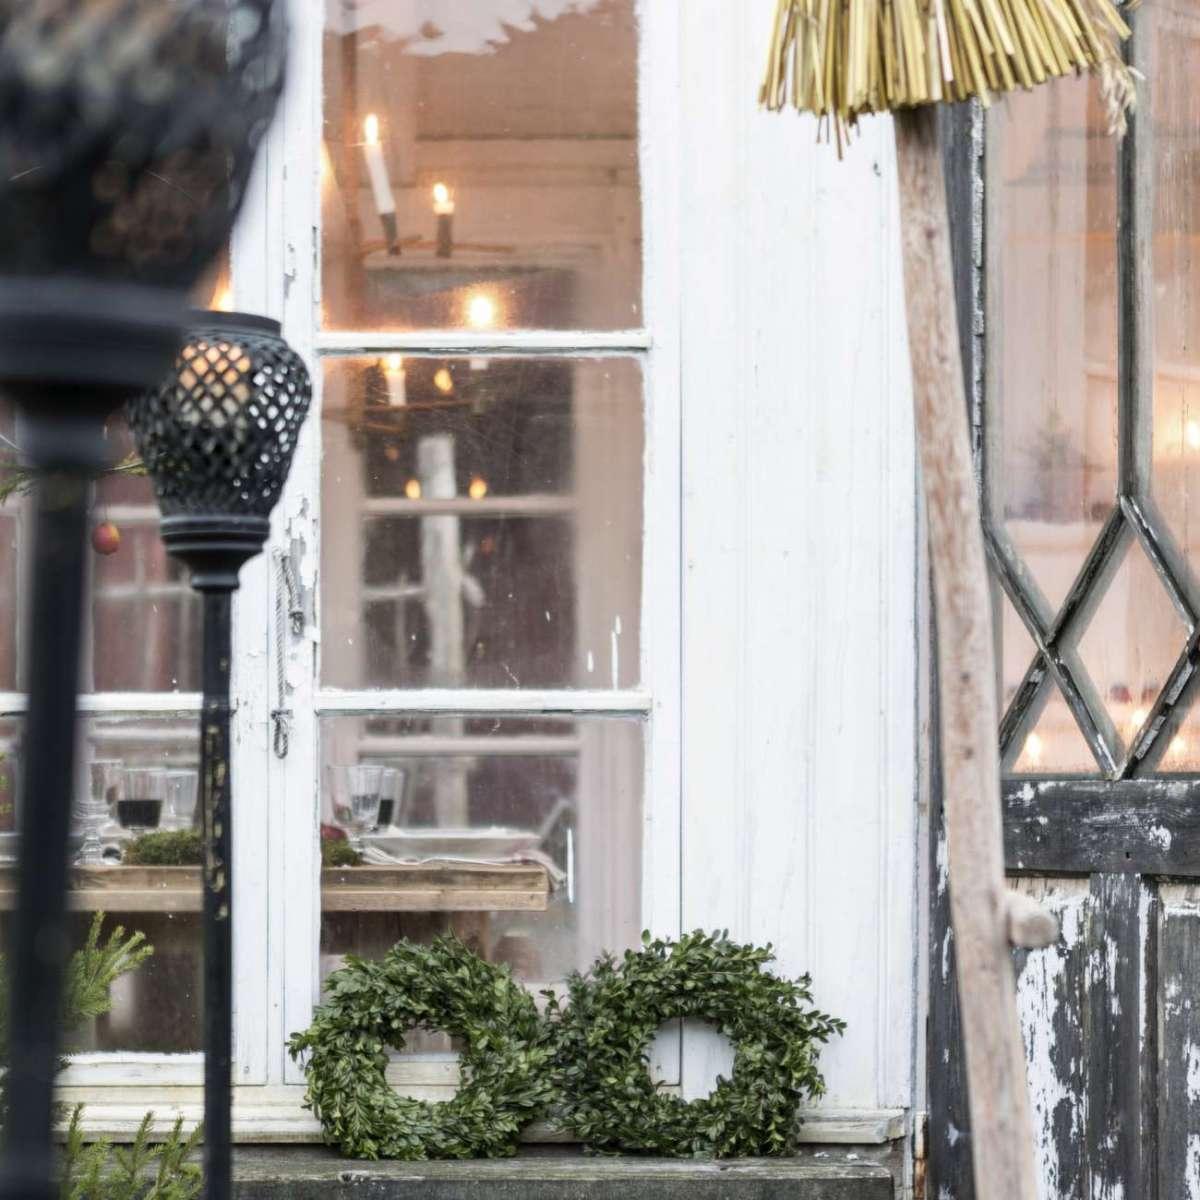 Natale in stile scandinavo: gli addobbi e le decorazioni migliori [FOTO]